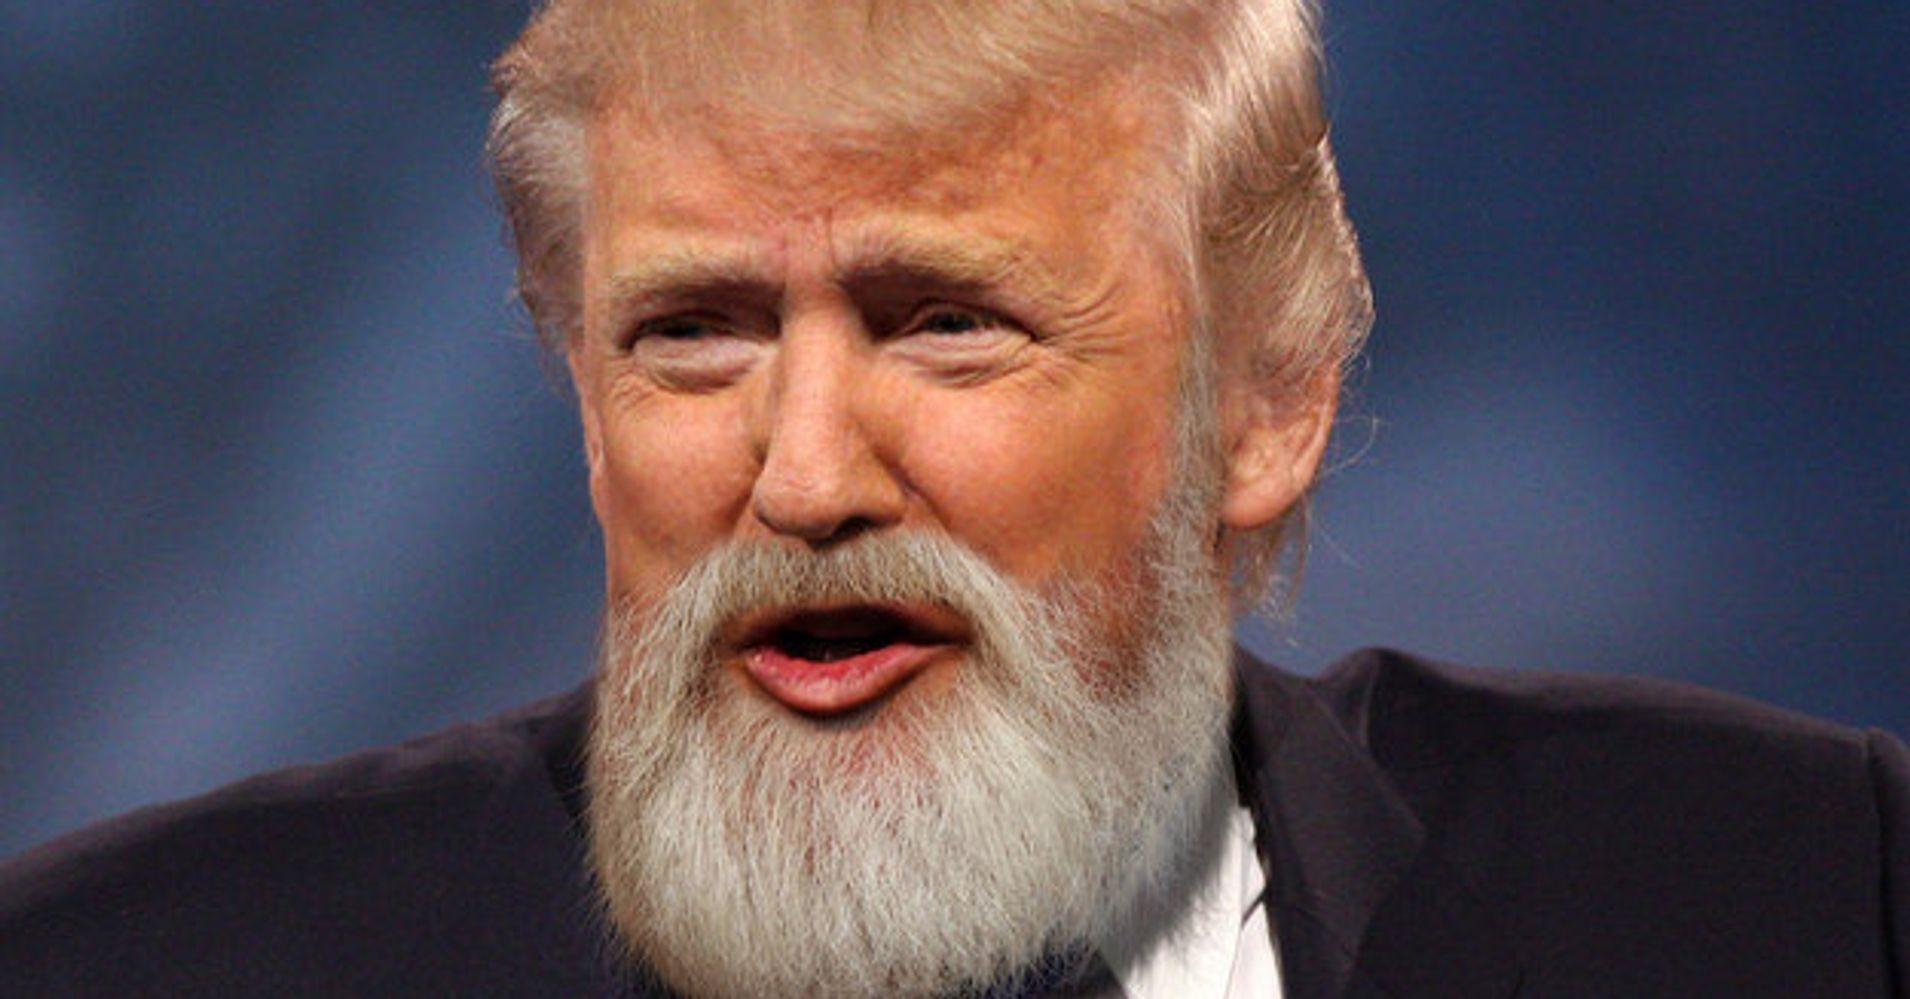 Trump Beard